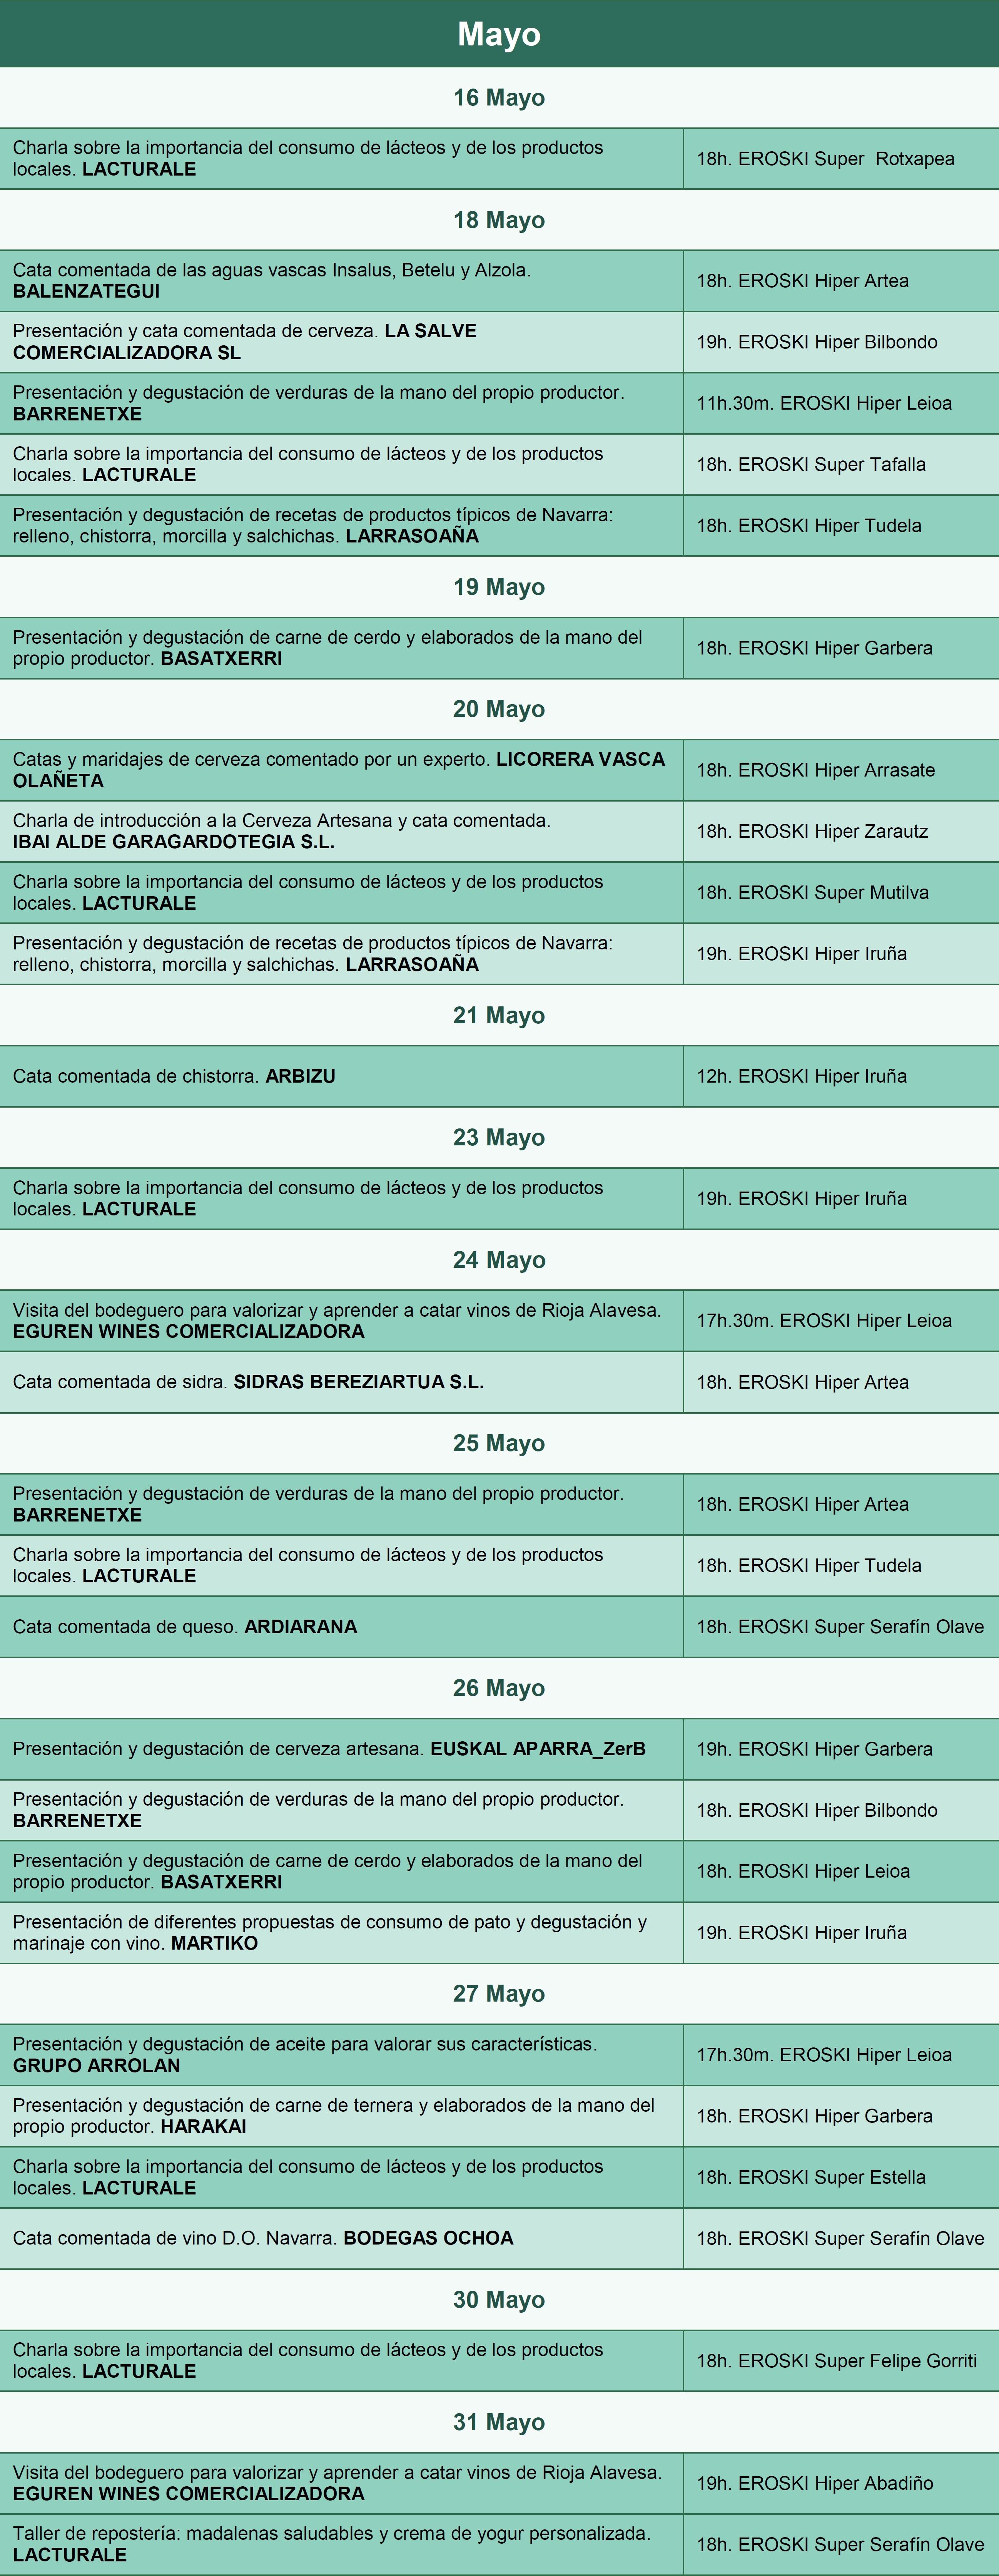 Eventos mayo productos locales País Vasco y Navarra